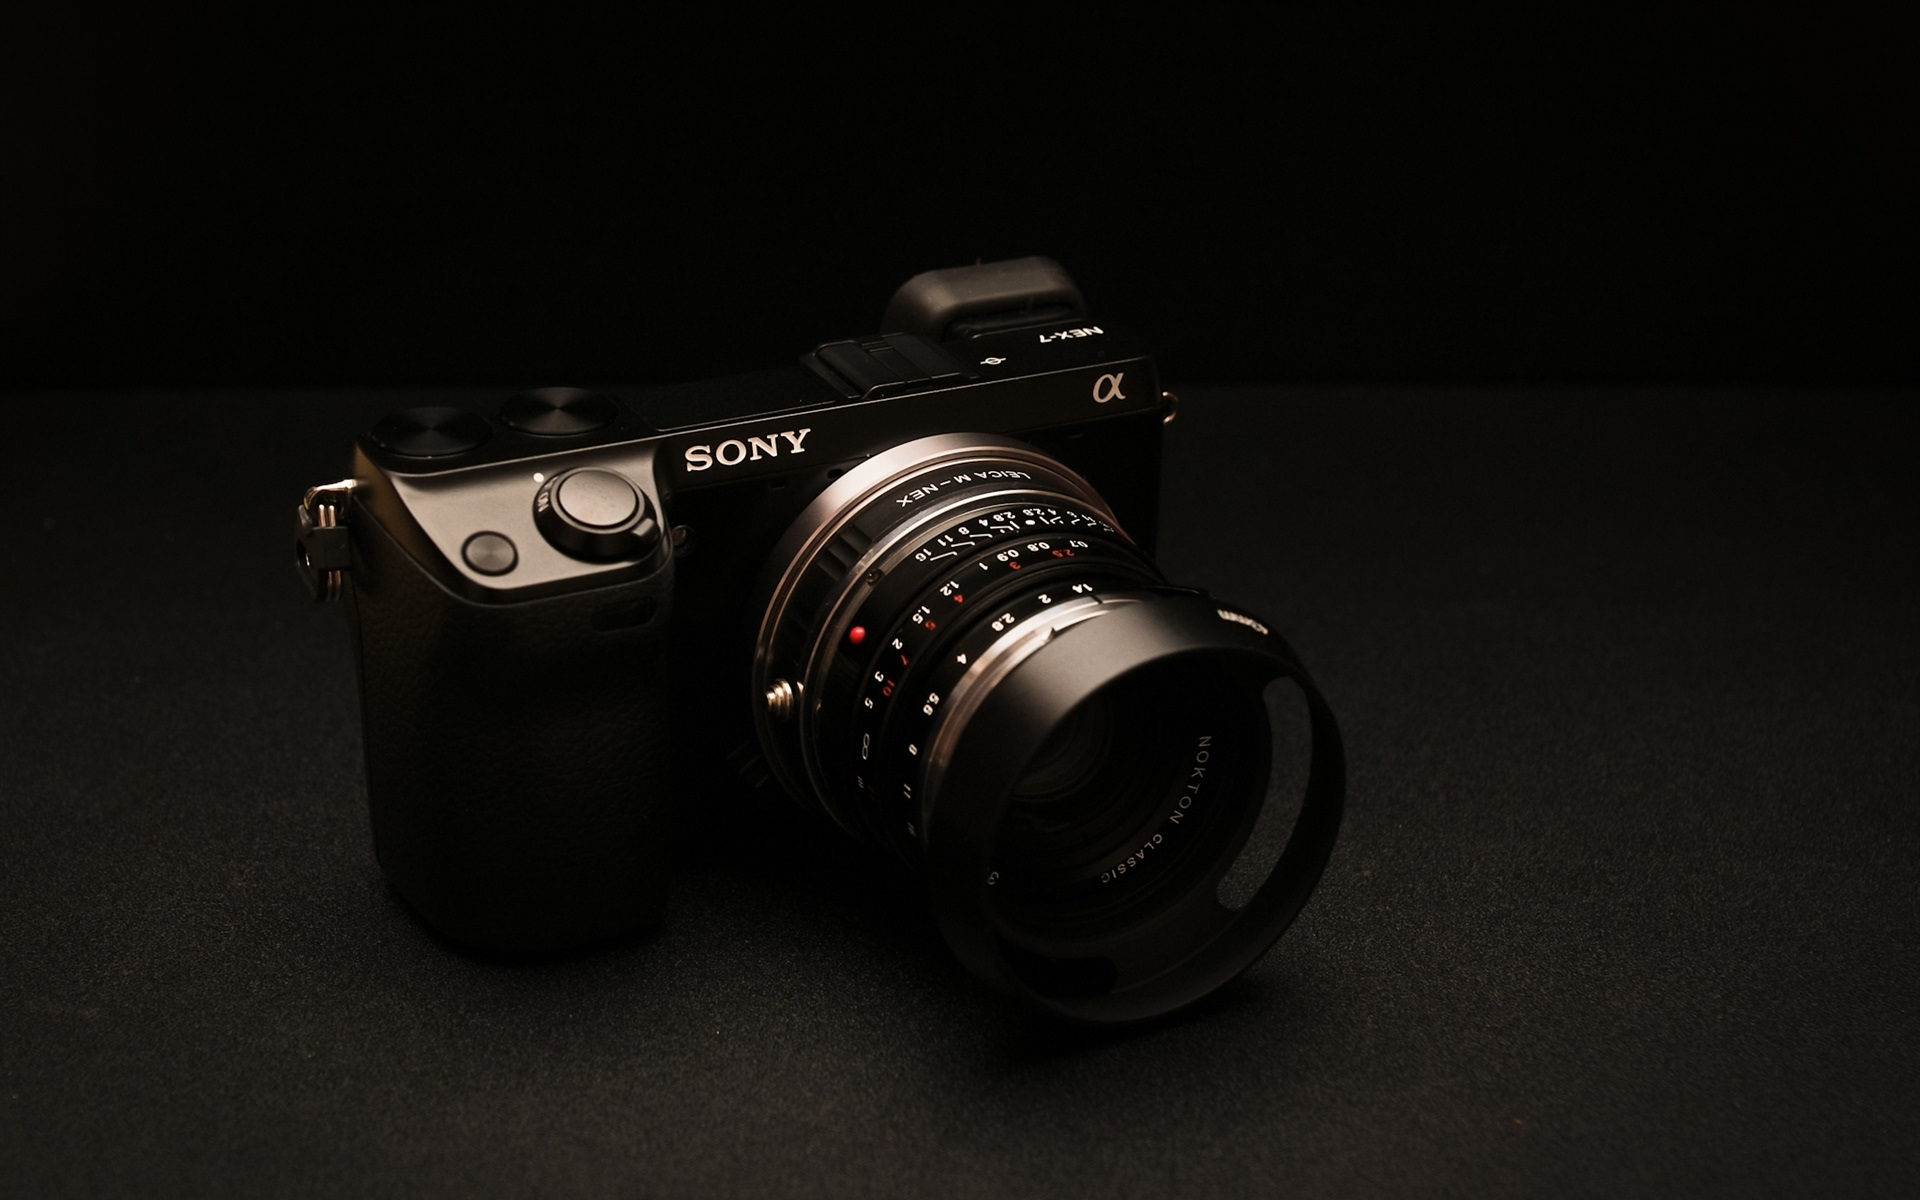 Fonds Décran Sony Nex 7 Appareil Photo Numérique 1920x1200